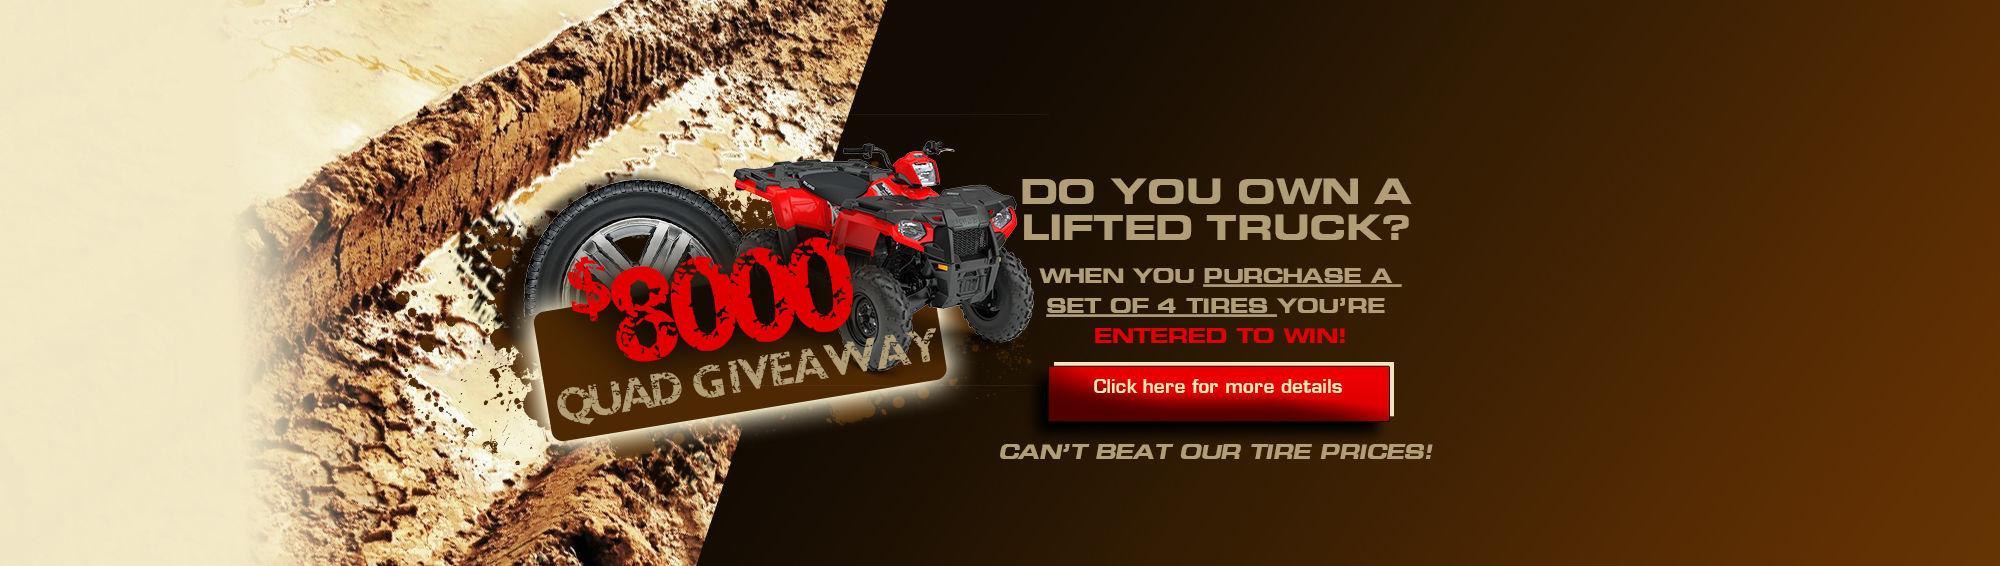 $8,000 Quad Giveaway!! (Web)